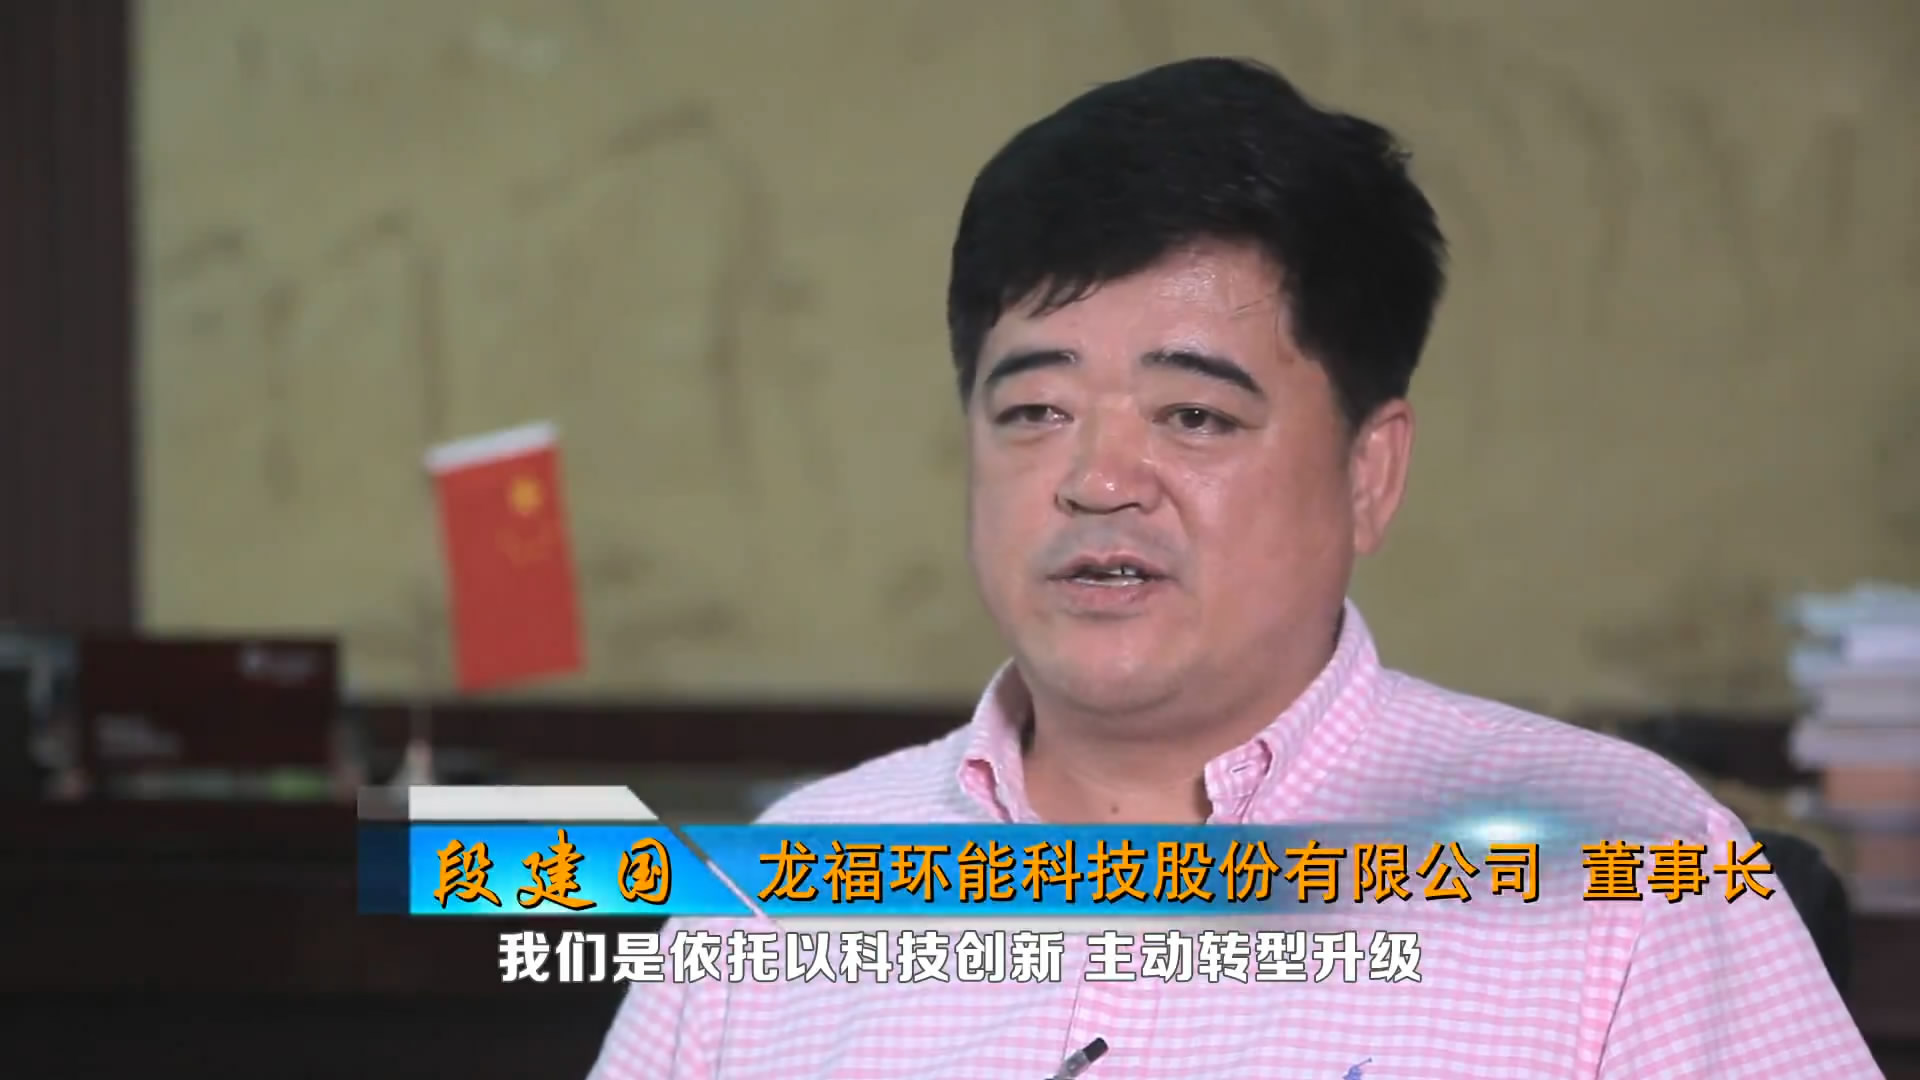 龙福环能科技股份有限公司董事长段建国